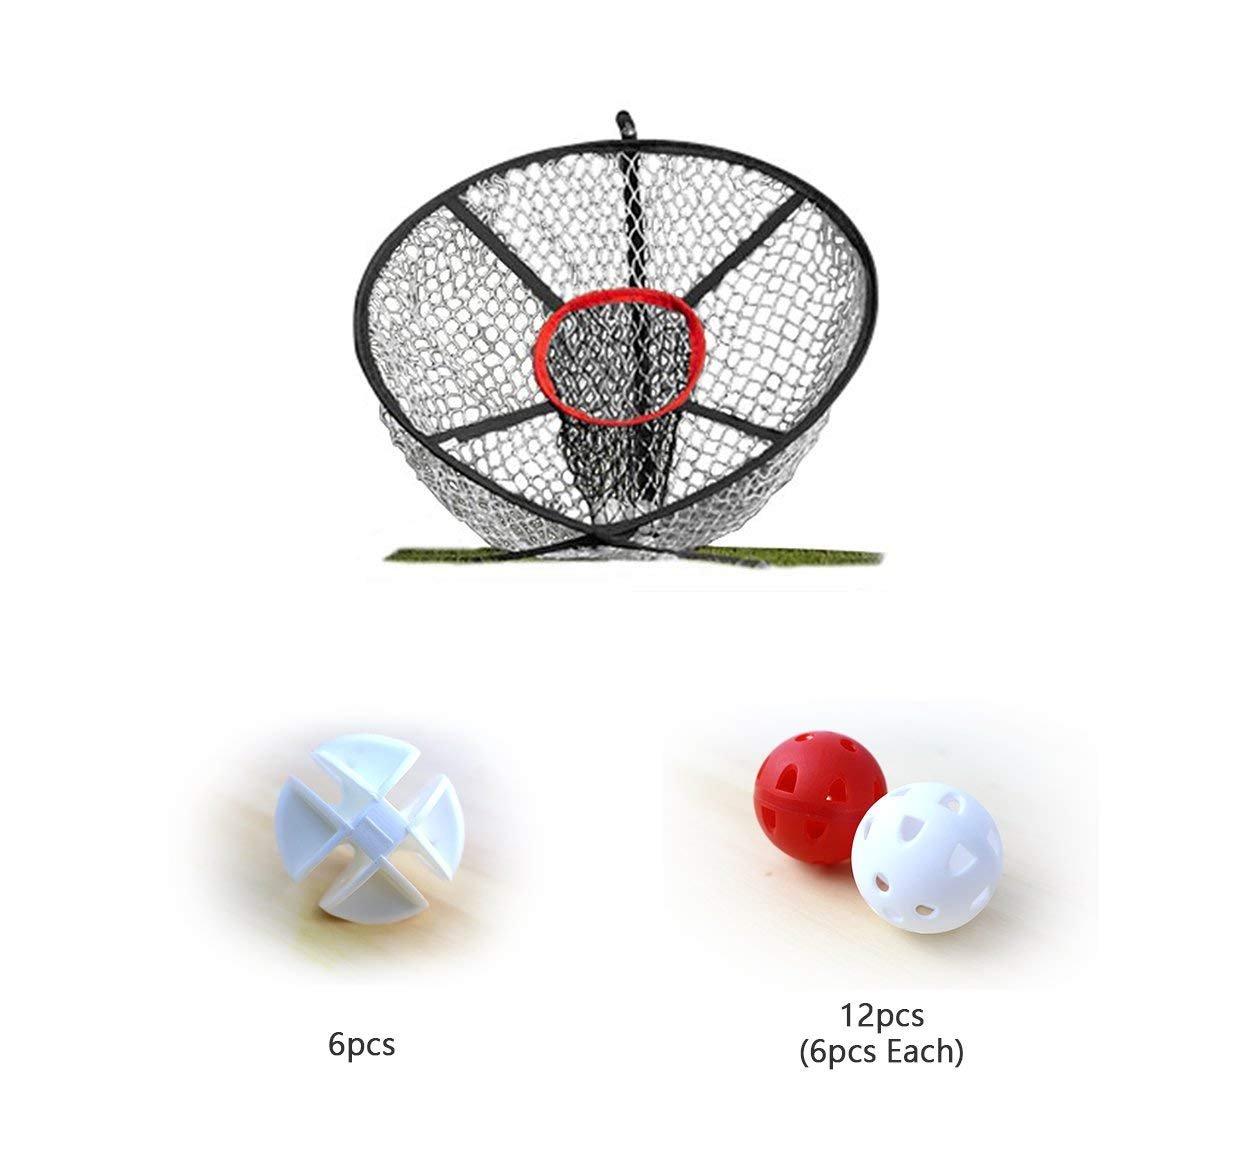 POSMA CN040Aゴルフエリートチッピングネットバンドル2つのスタイルで気流Whiffleボールセット - 個白+ 6個赤と白   B07FR1GJRB